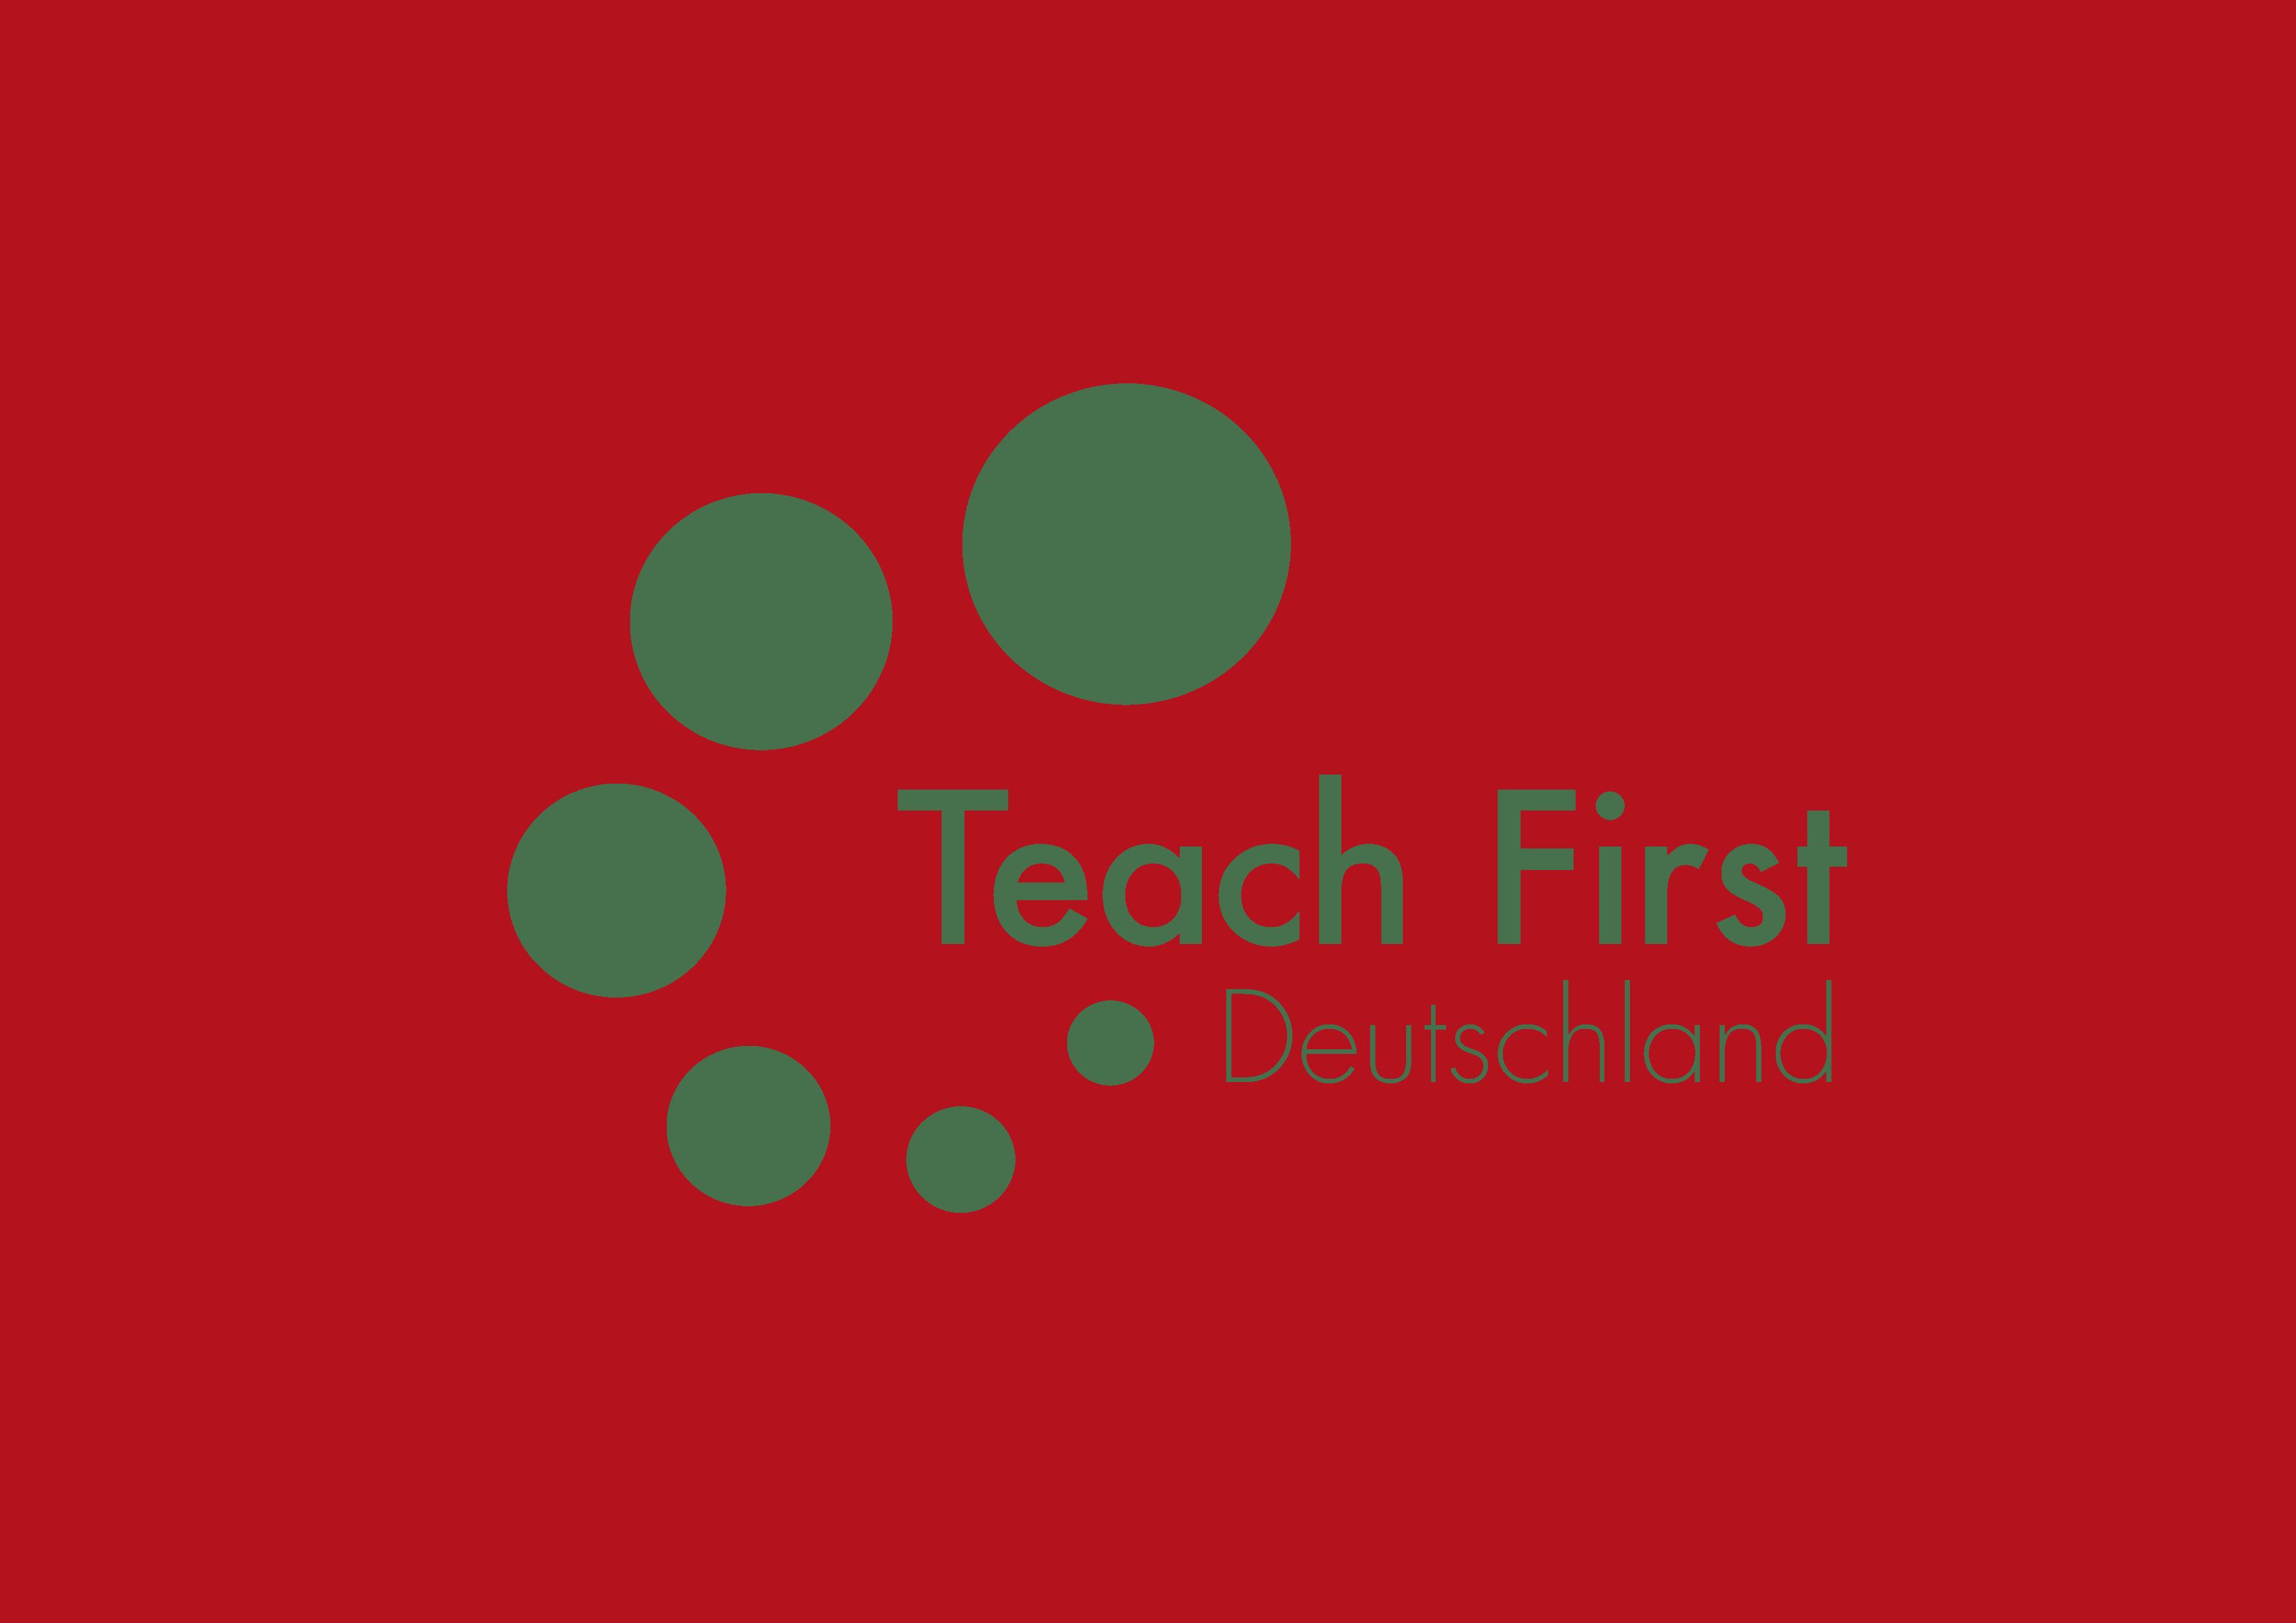 IN VORBEREITUNG: 1. TalenteTag Rhein-Neckar: Teach First Deutschland (TFD) sucht Fellows für Jugendliche